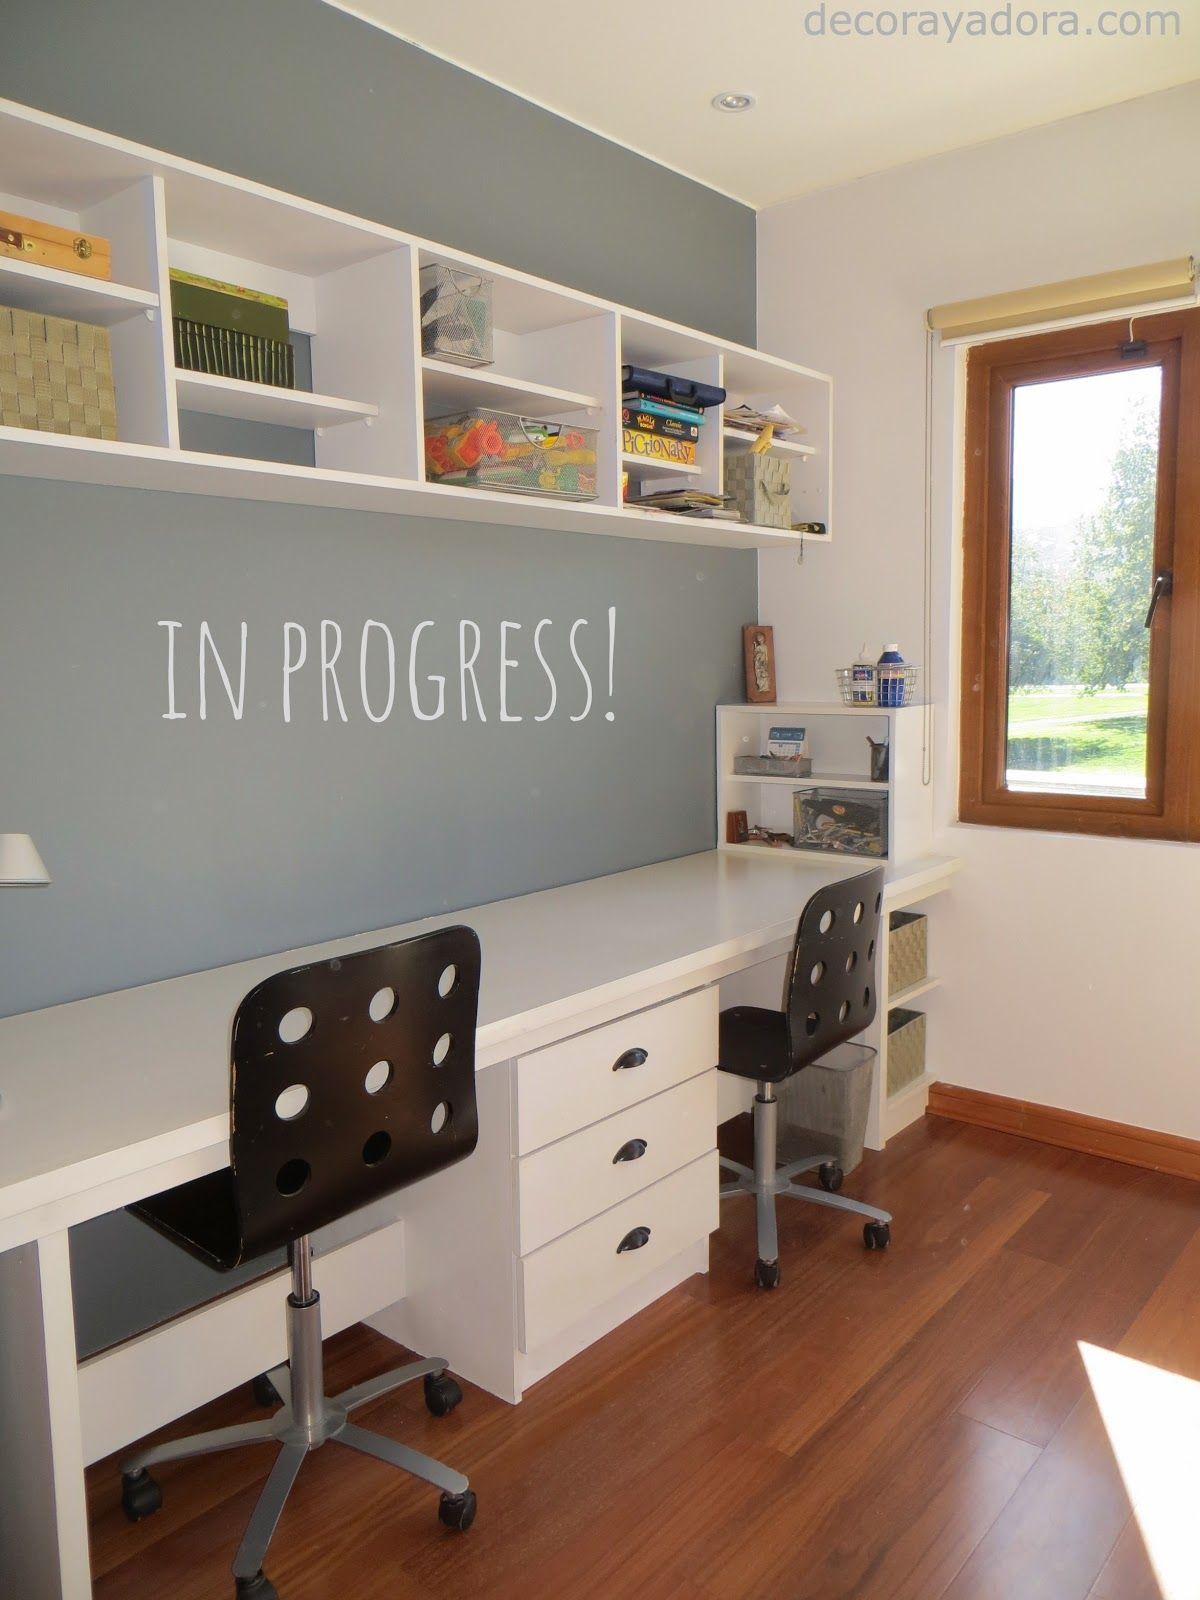 decora y adora: DIY mueble dormitorio niños   Libreros   Pinterest ...